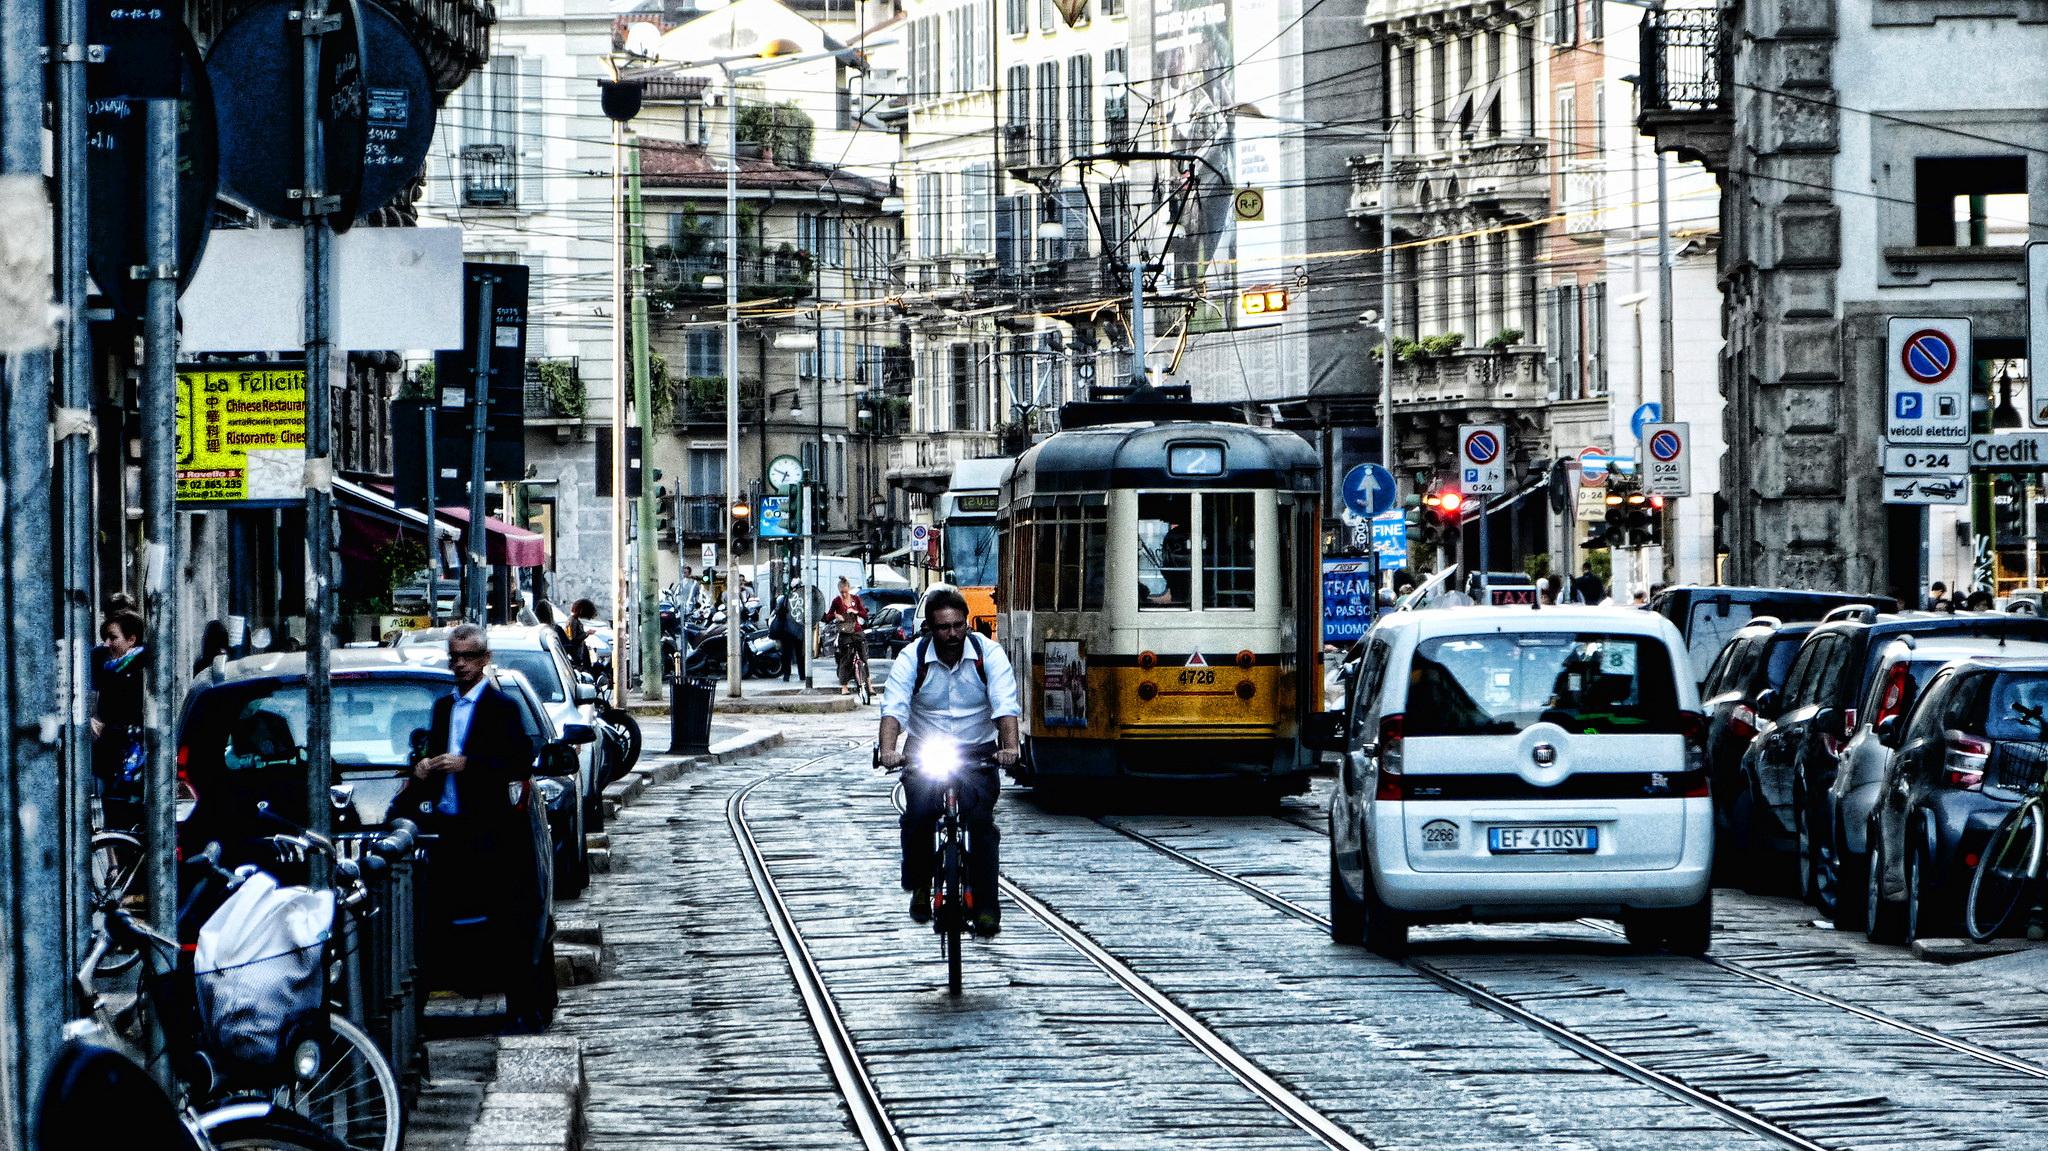 В Милане очень развита система общественного транспорта